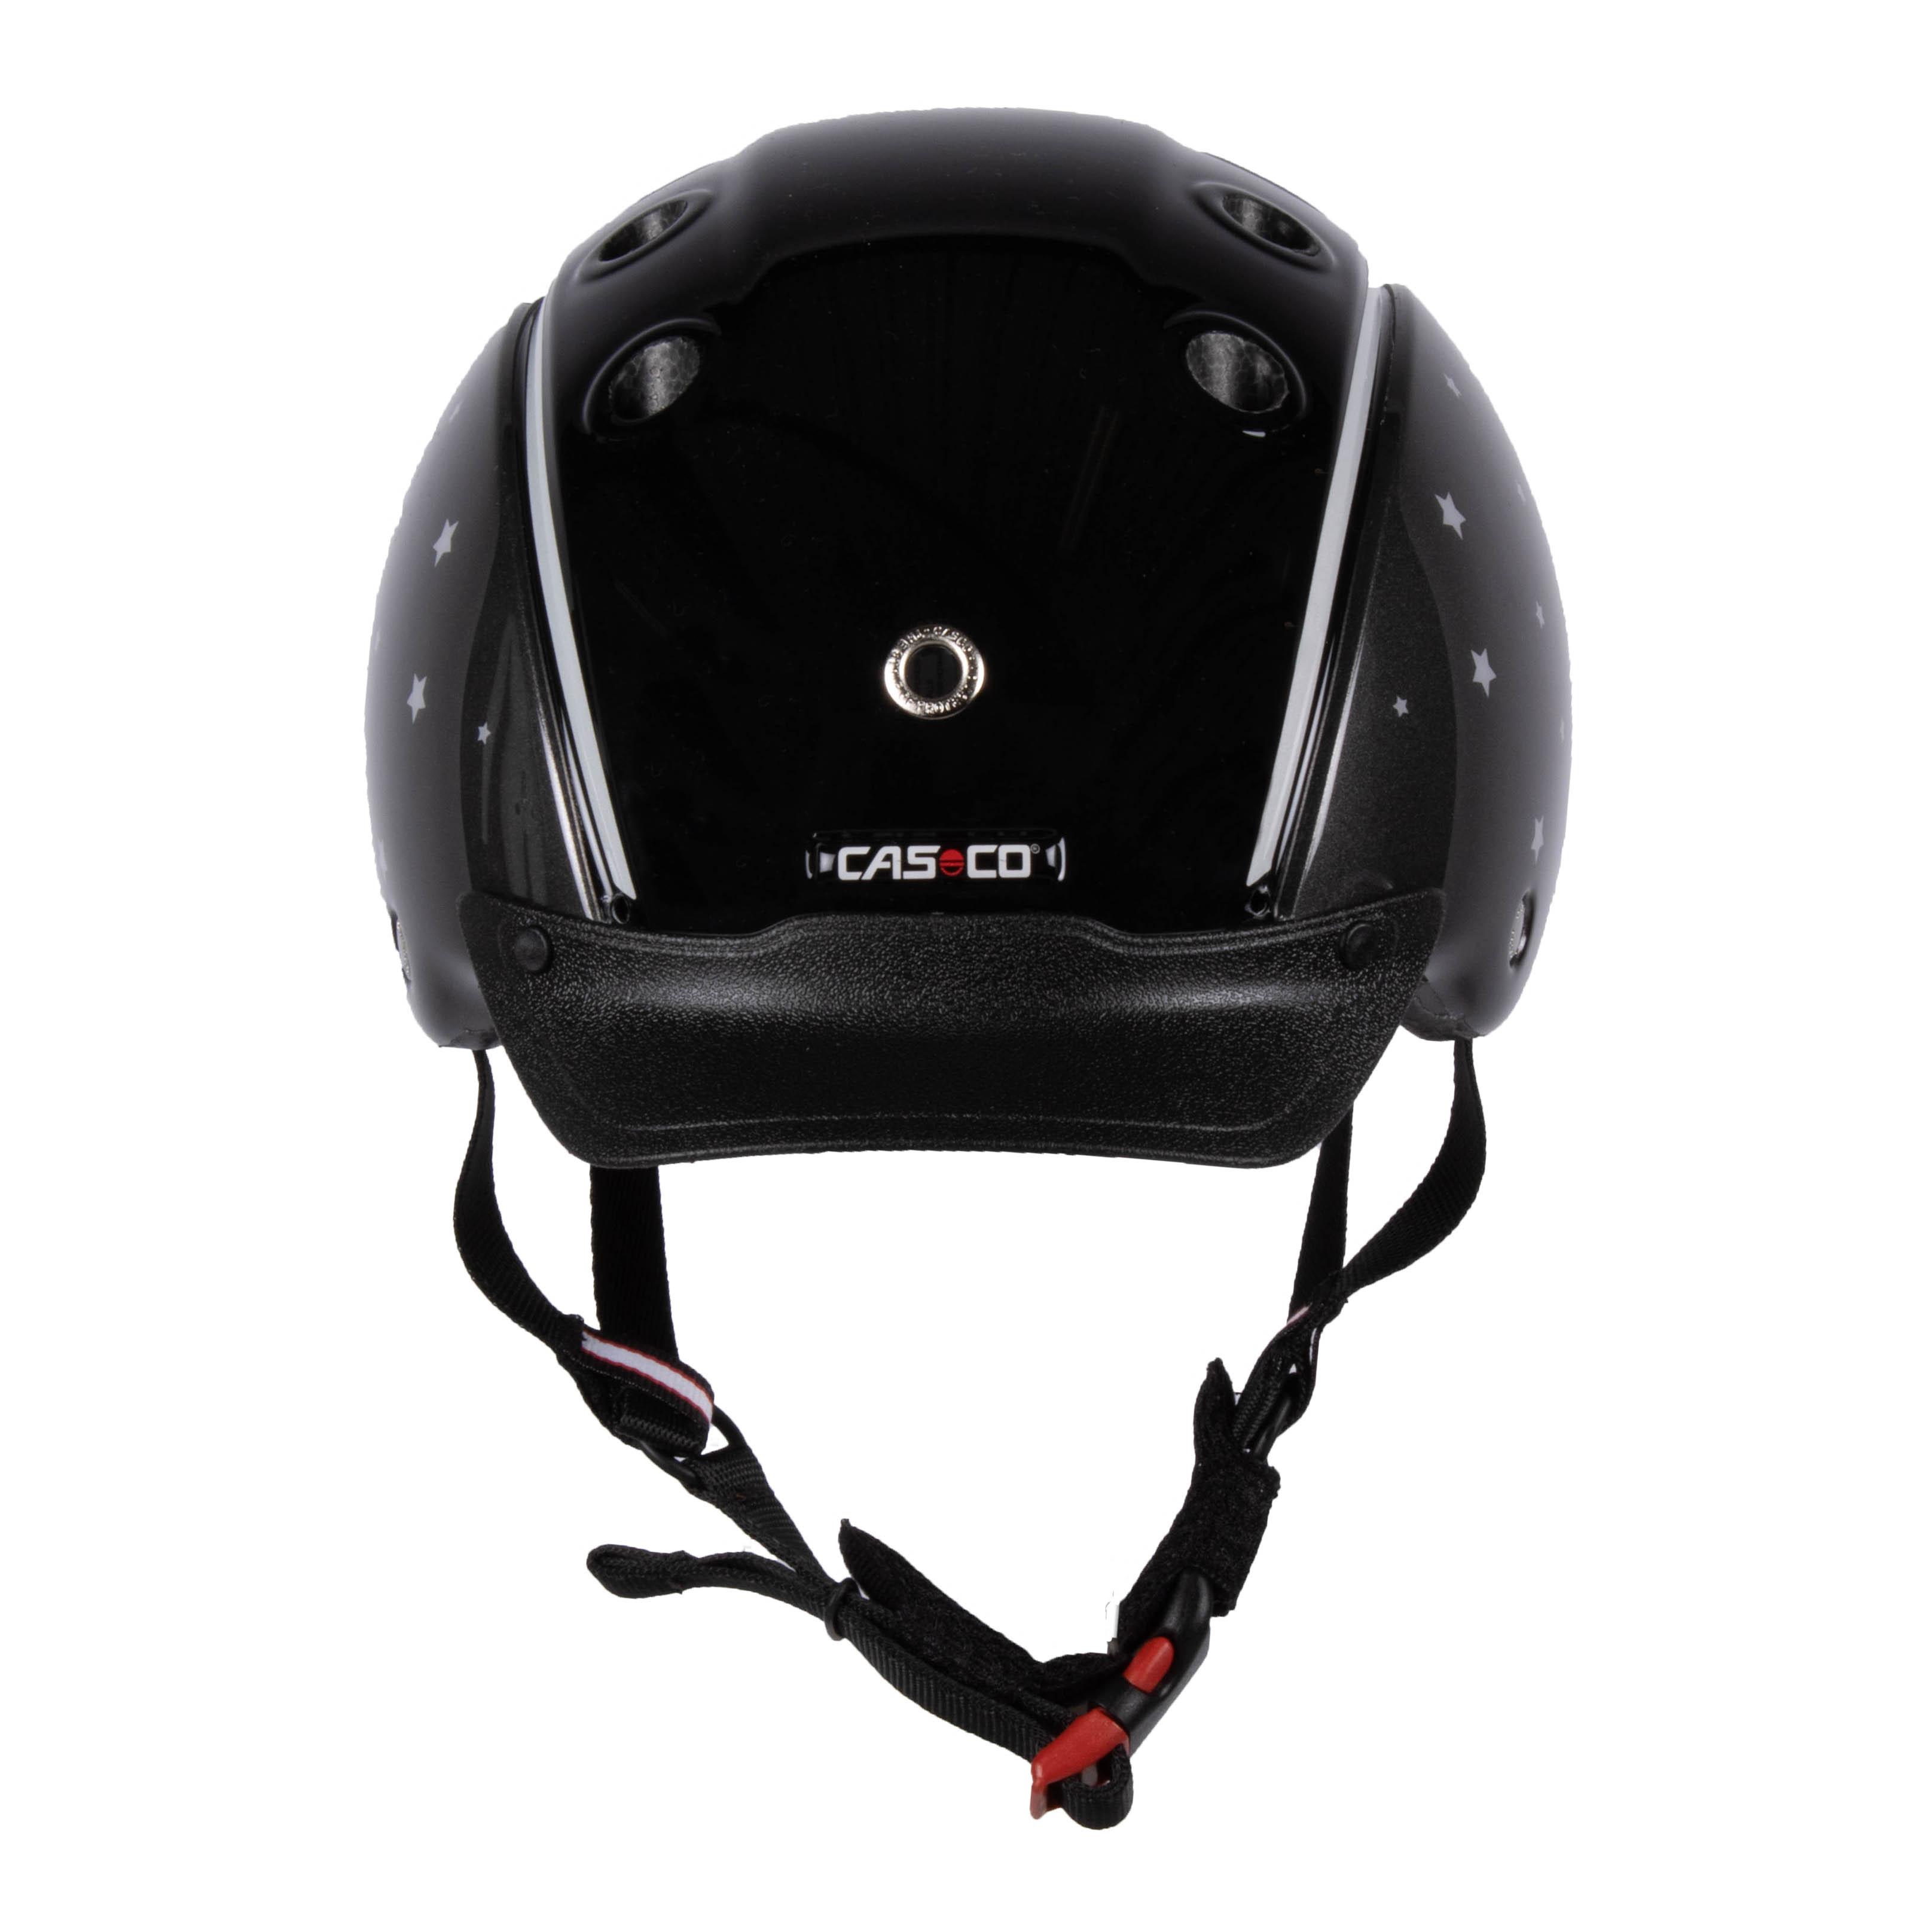 Casco Nori Eenhoorn VG1 cap zwart maat:s